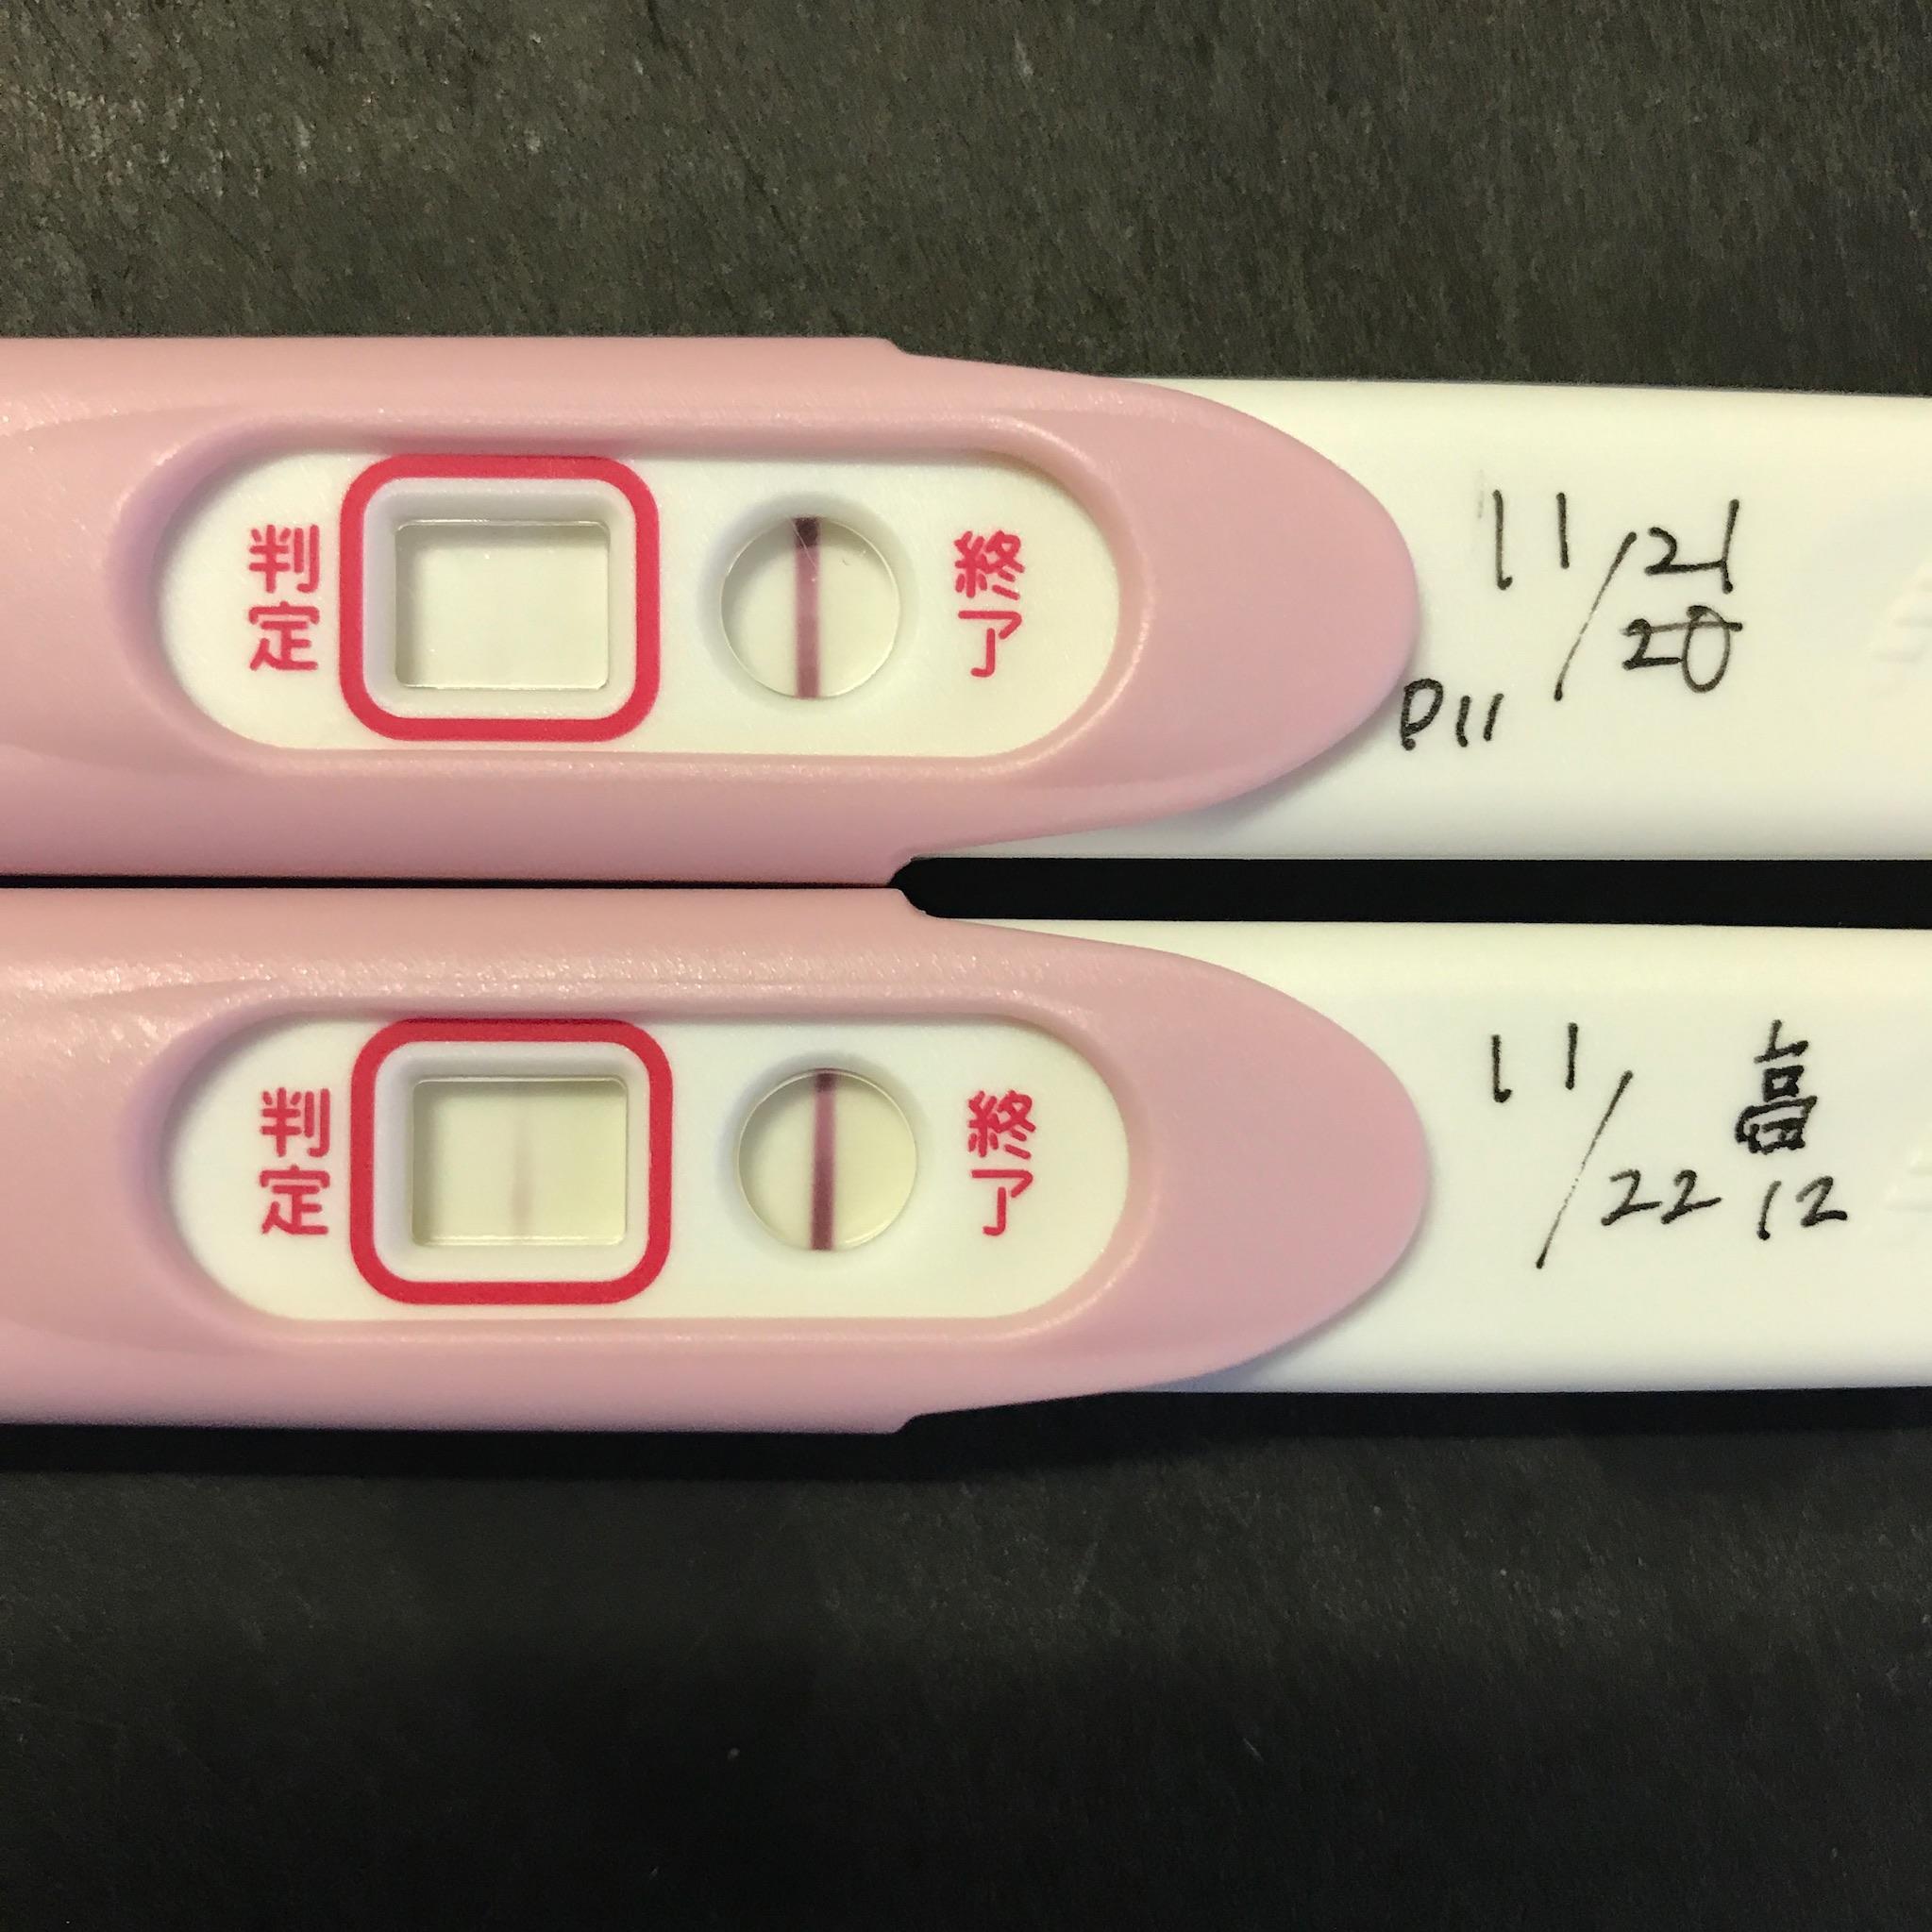 妊娠検査薬ピーチェック高温期11・12日目を並べた陽性反応線